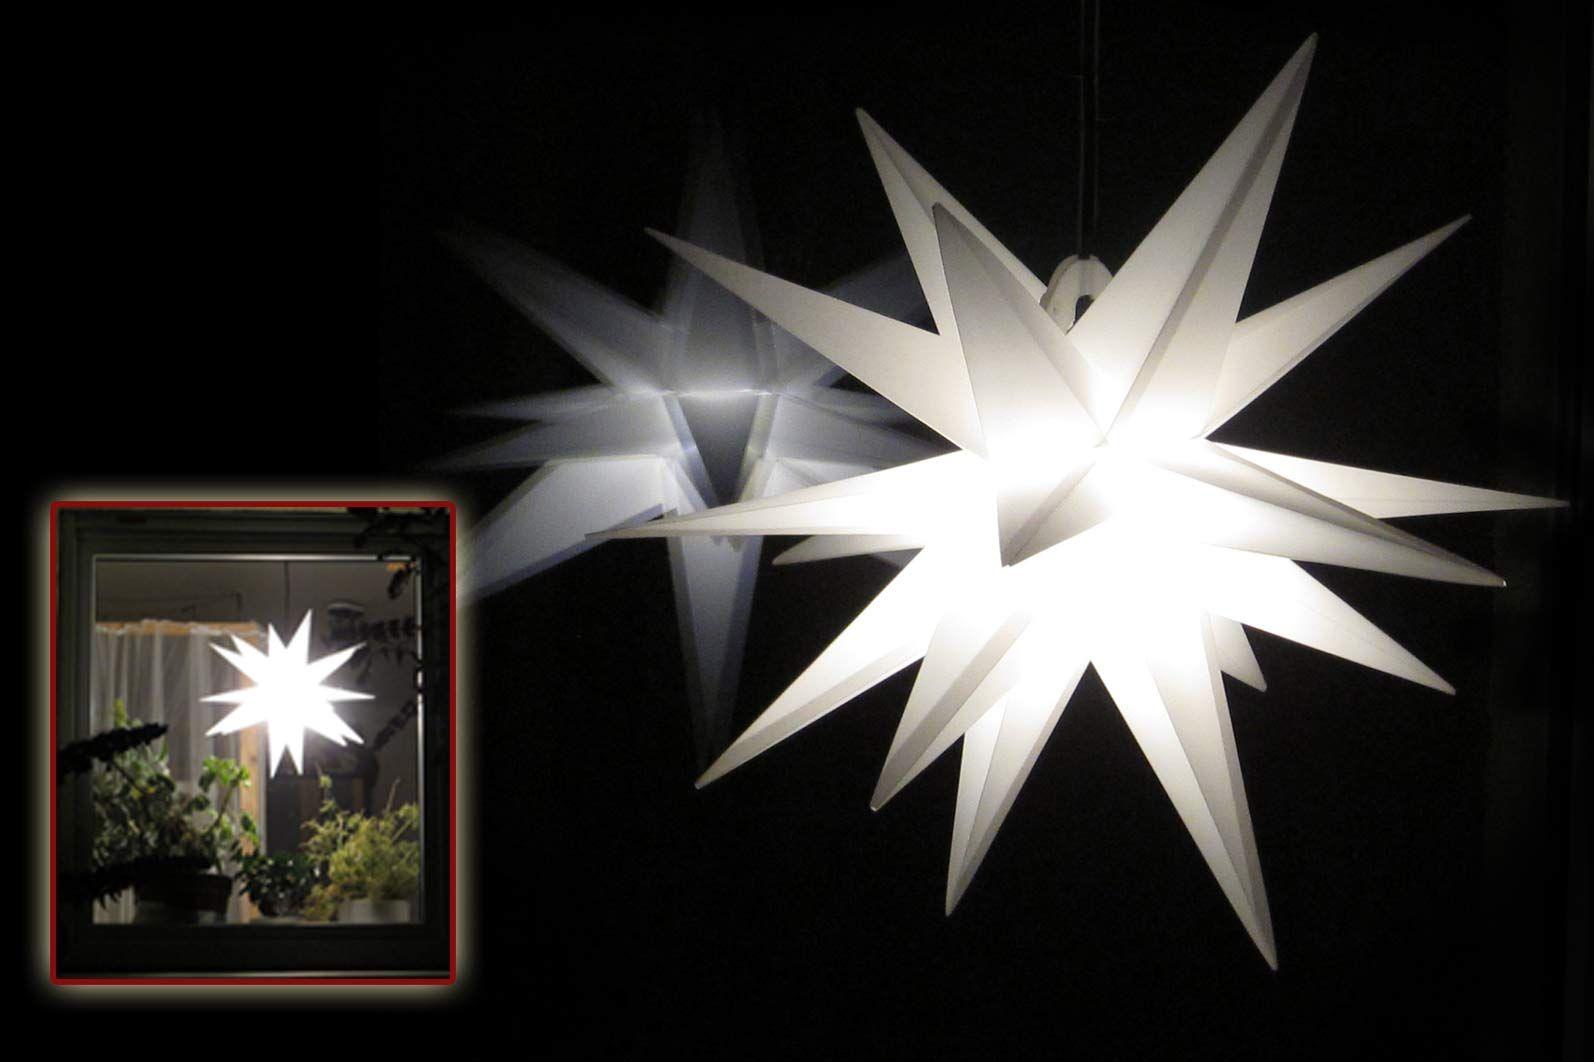 Beleuchtung Herrnhuter Stern Batterie Beleuchtet Außen.